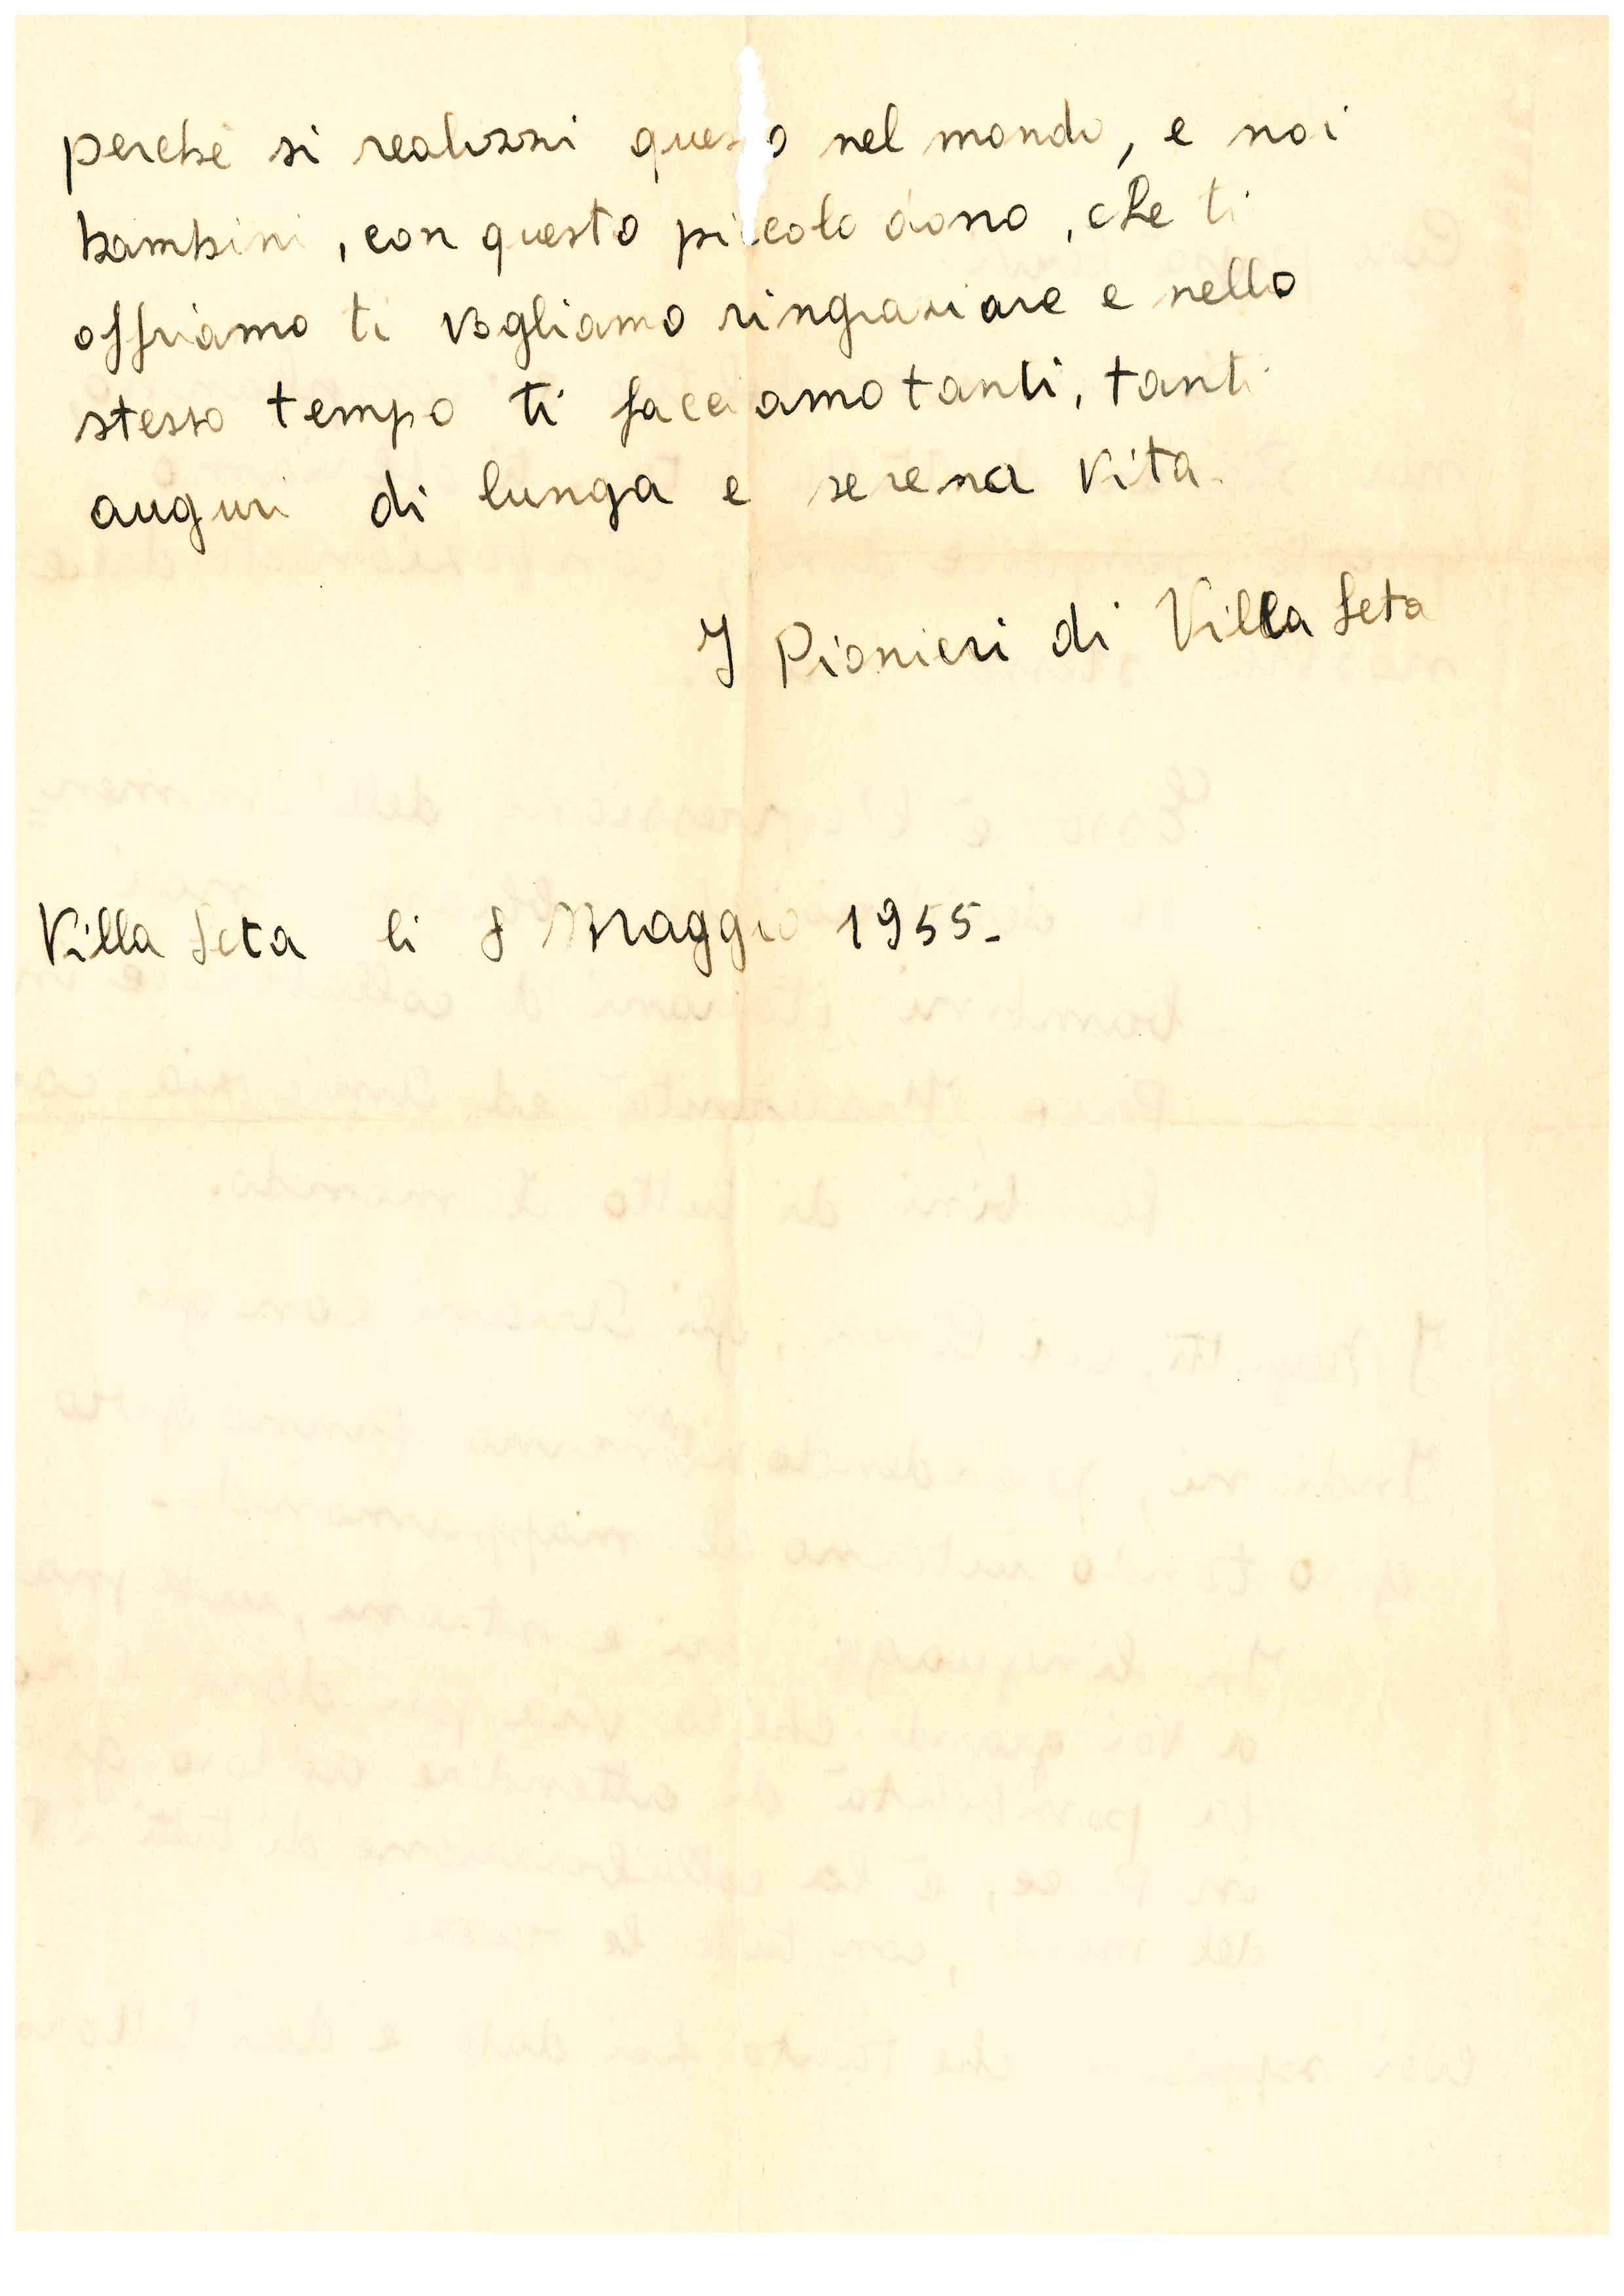 08.05.1955-Pionieri-Villa-Seta-02